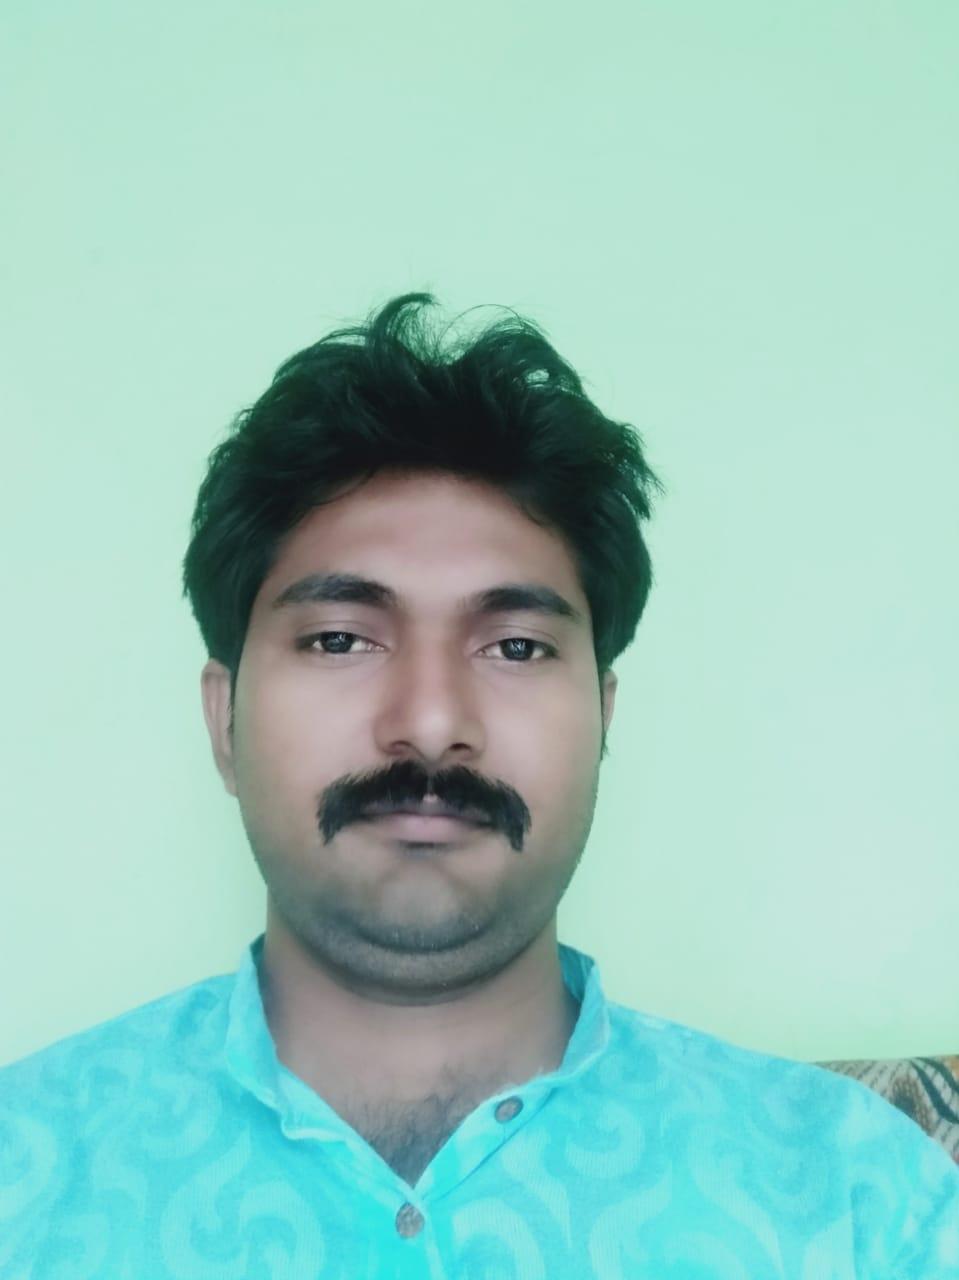 हिंदी समाचार |यूपी सरकार ने किसानो के चेहरे...